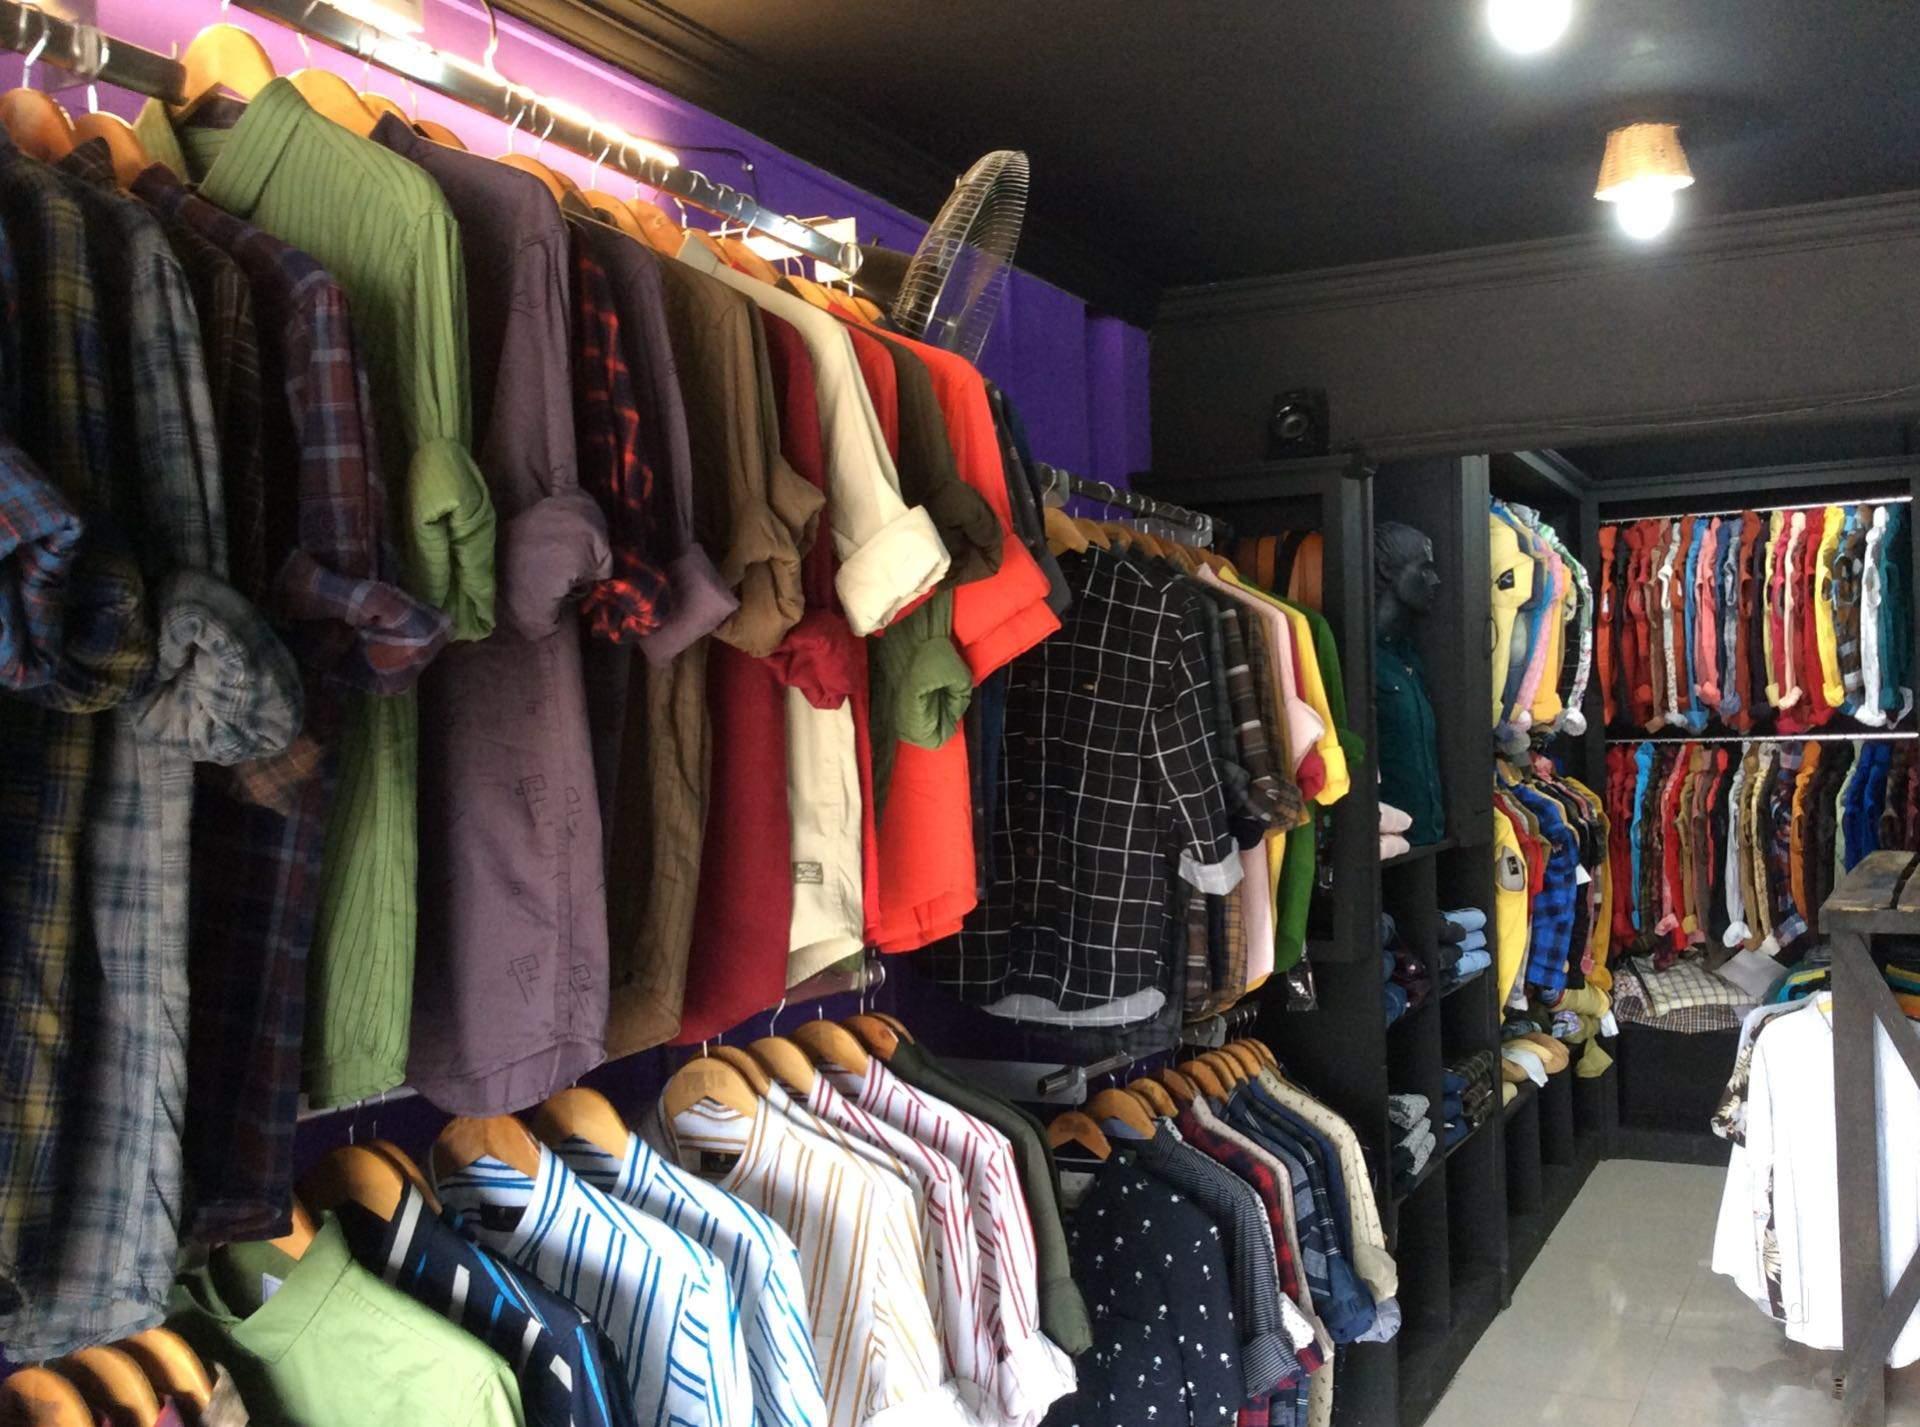 96ff5382c69 Top 100 Gents Readymade Garment Retailers in Perumbavoor - Best ...